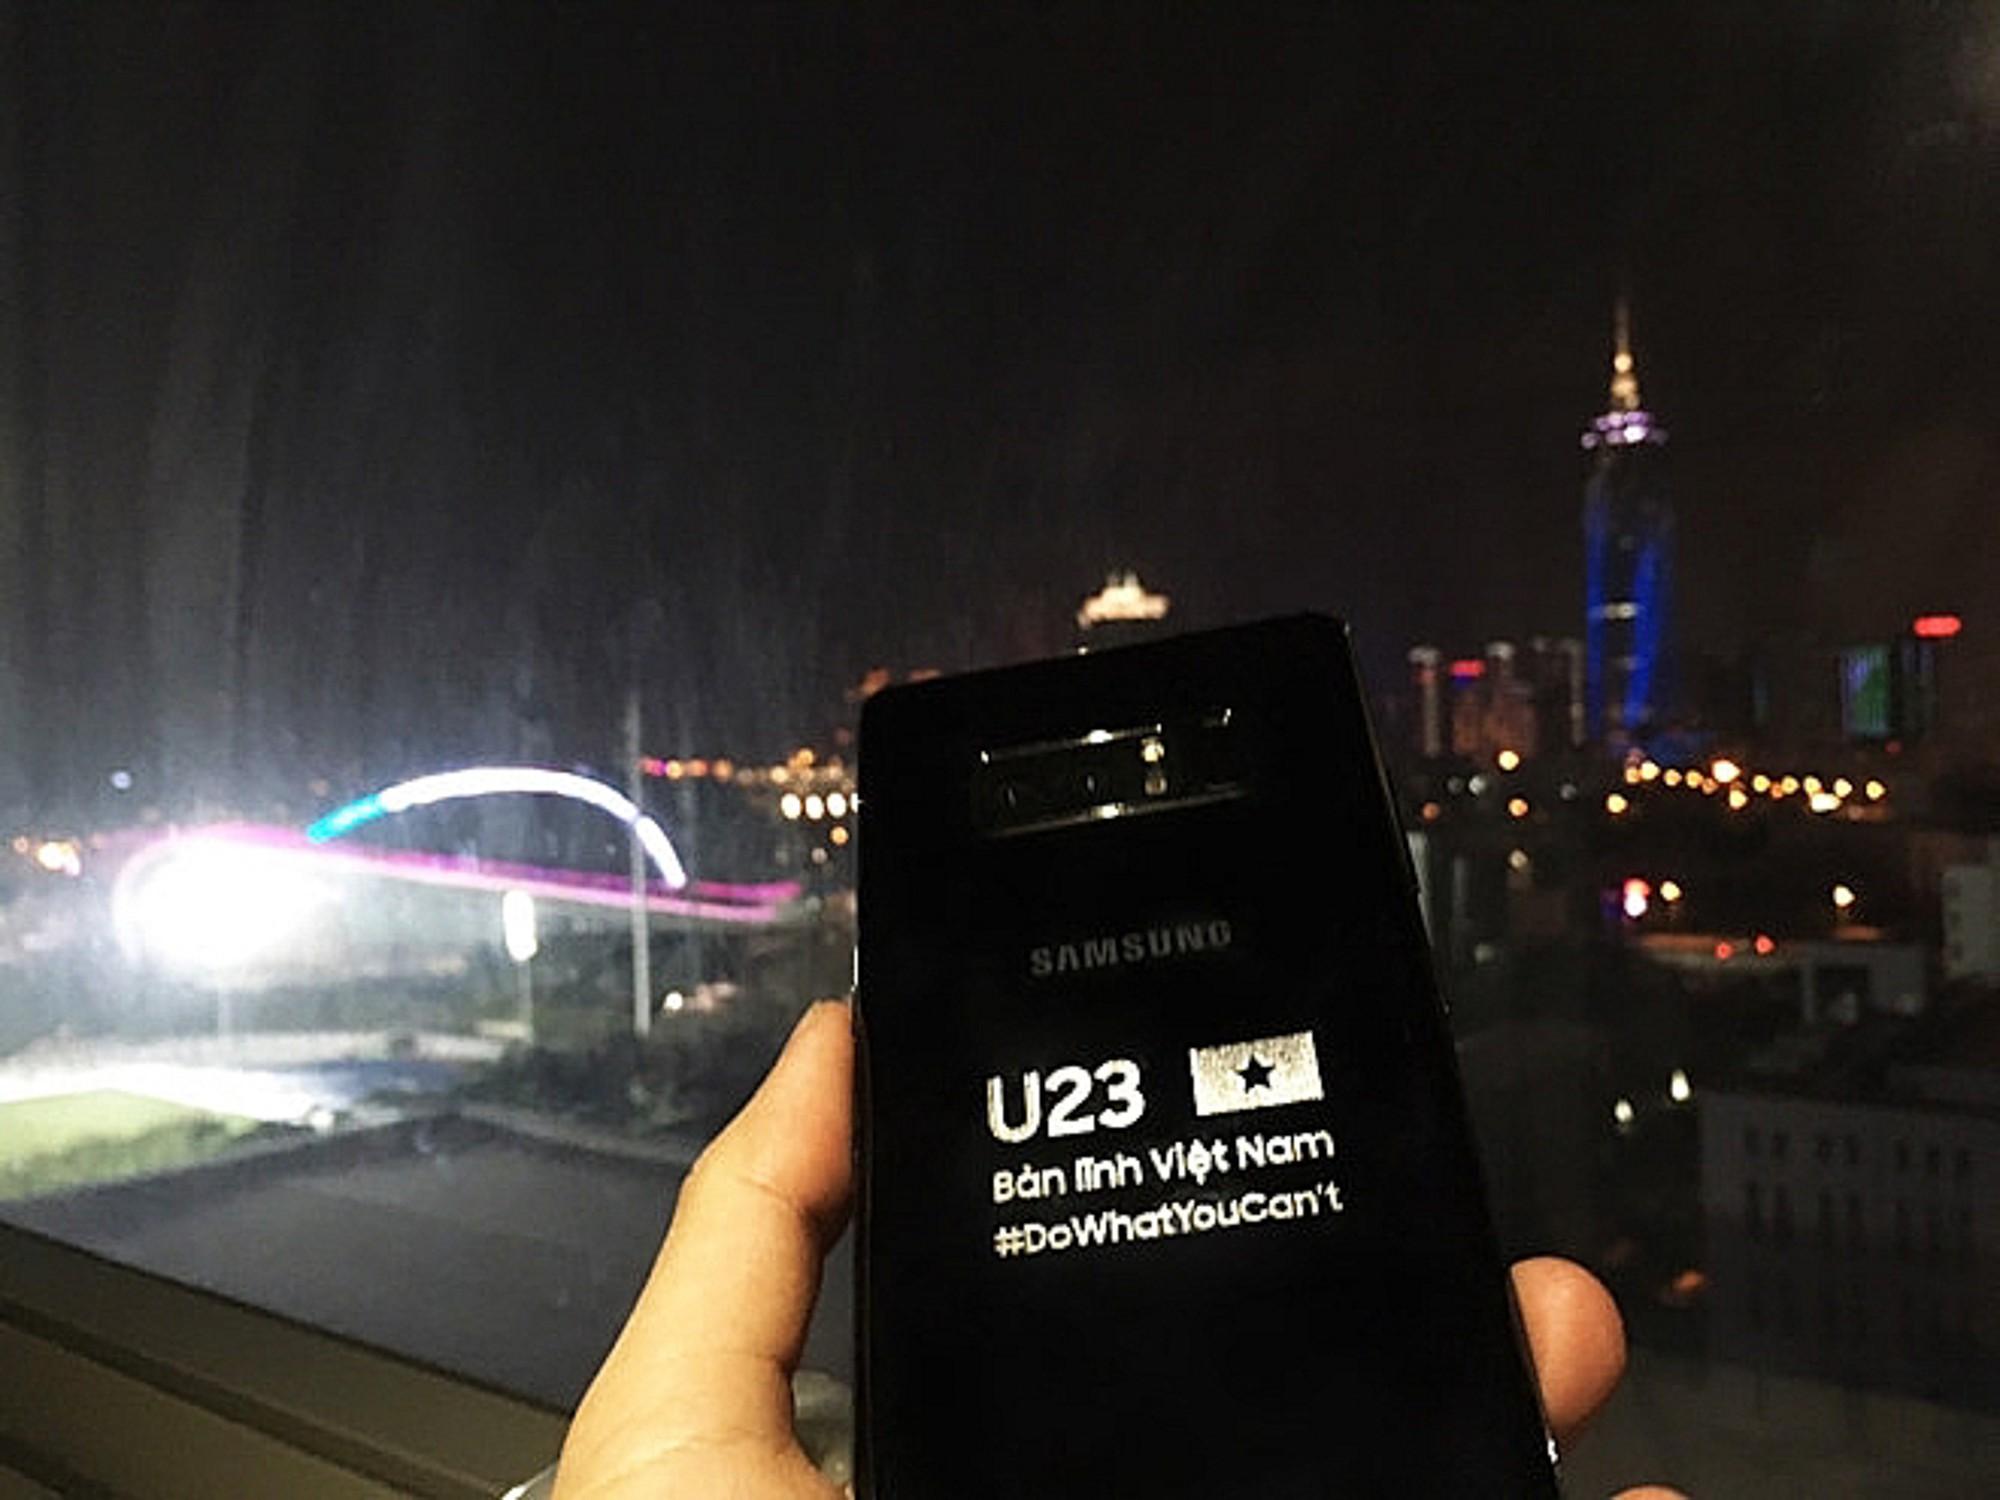 Samsung tặng mỗi cầu thủ U23 Việt Nam một điện thoại Galaxy Note 8 phiên bản hàng thửa - Ảnh 4.